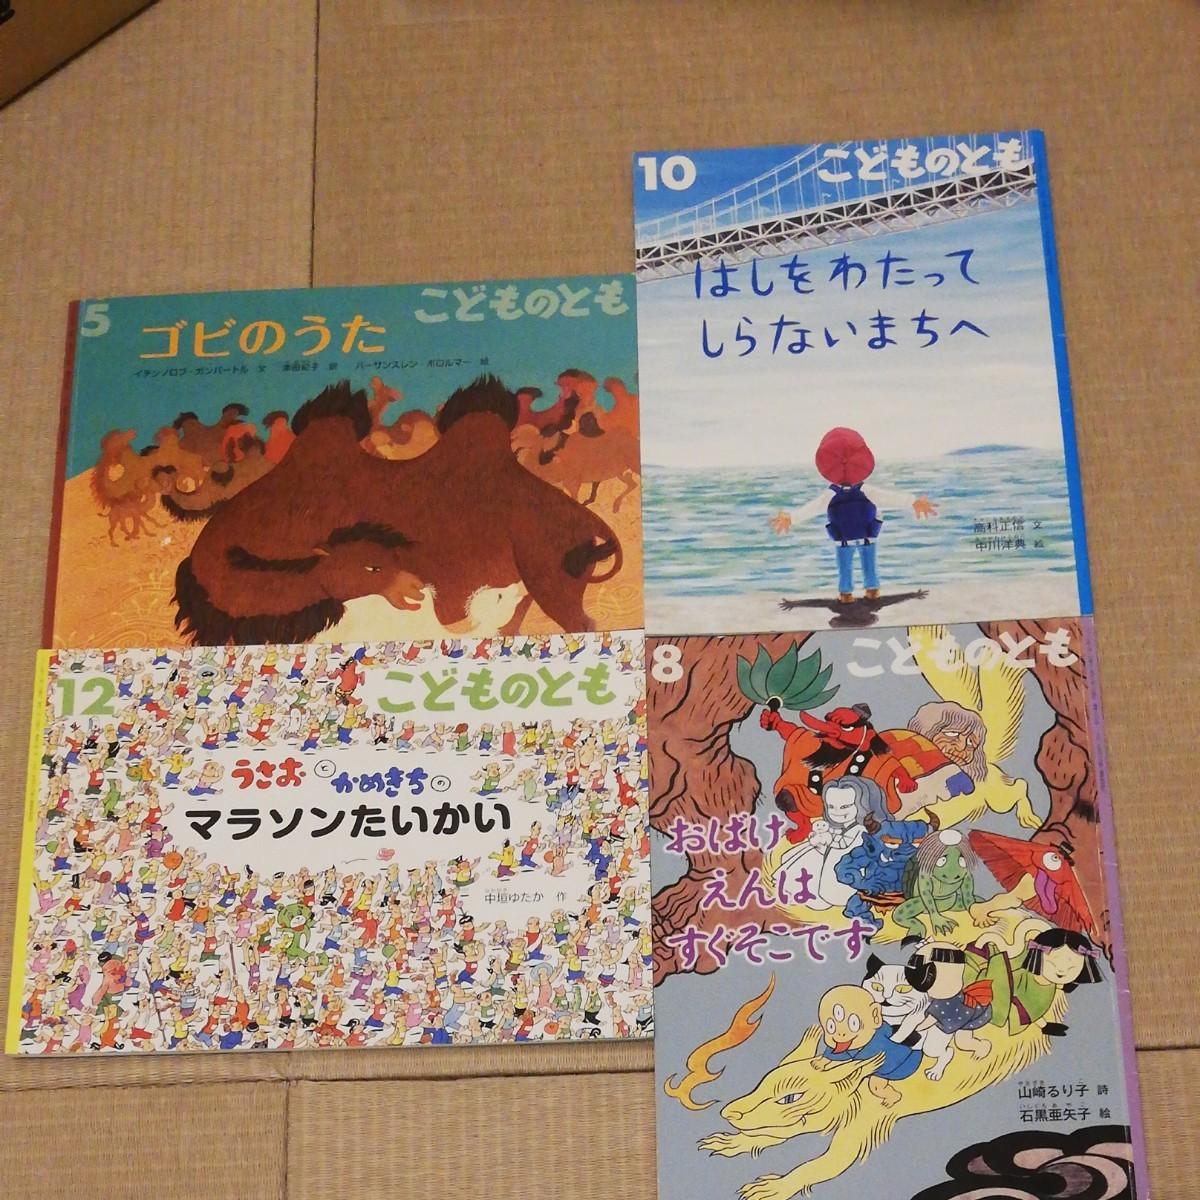 こどものとも 福音館書店 絵本セット4冊 おばけ まち マラソン ゴビのうた 年中くらいから 小学生